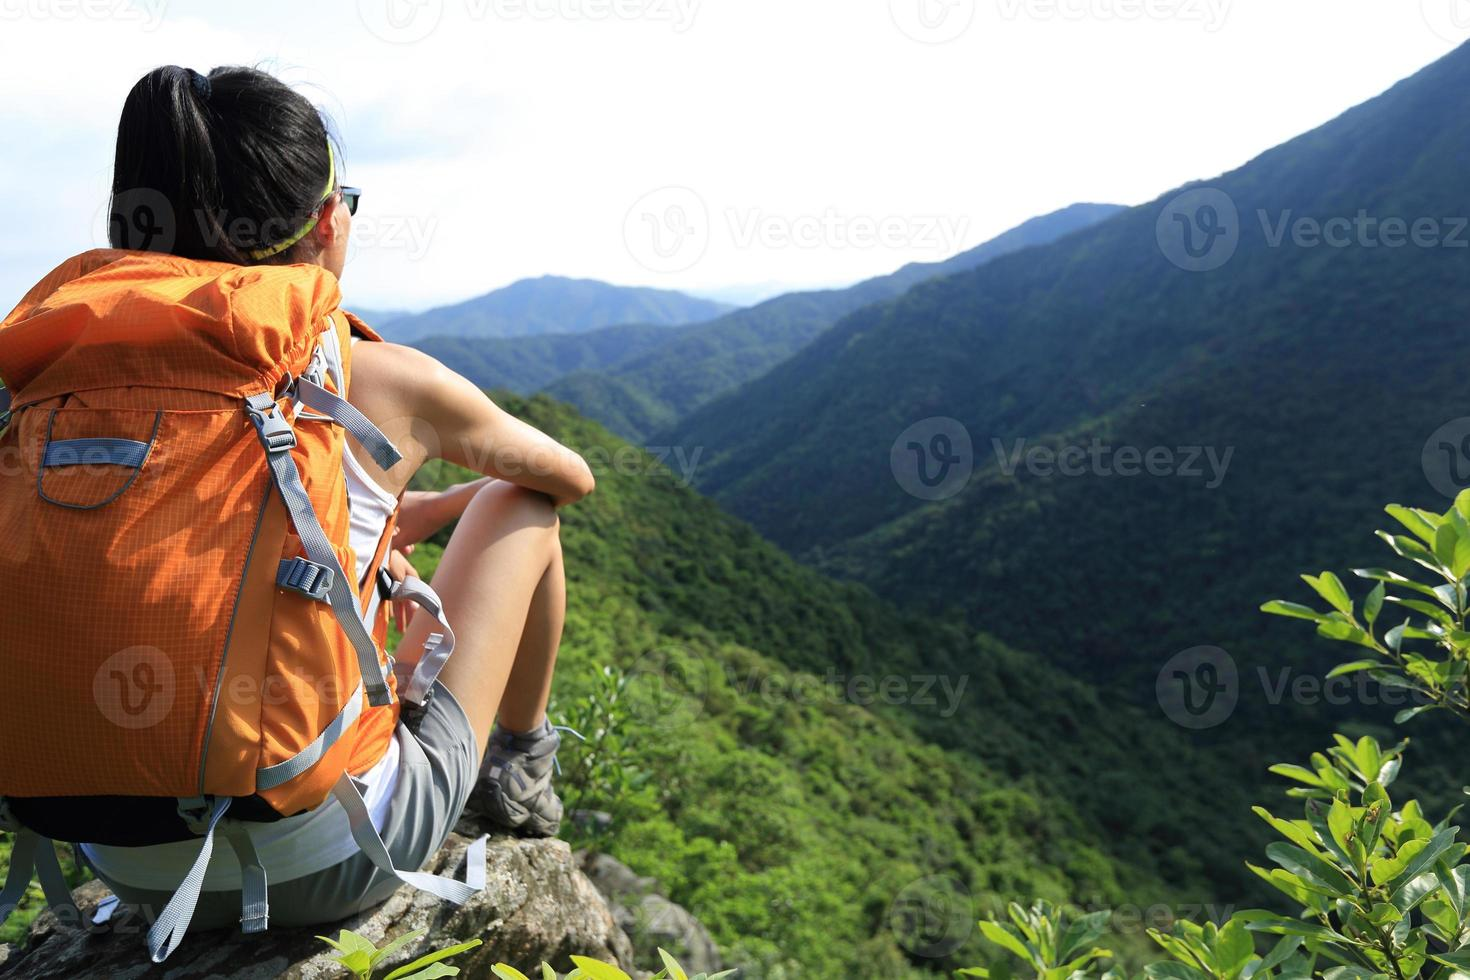 mujer mochilero disfrutar de la vista en el acantilado de pico de montaña foto